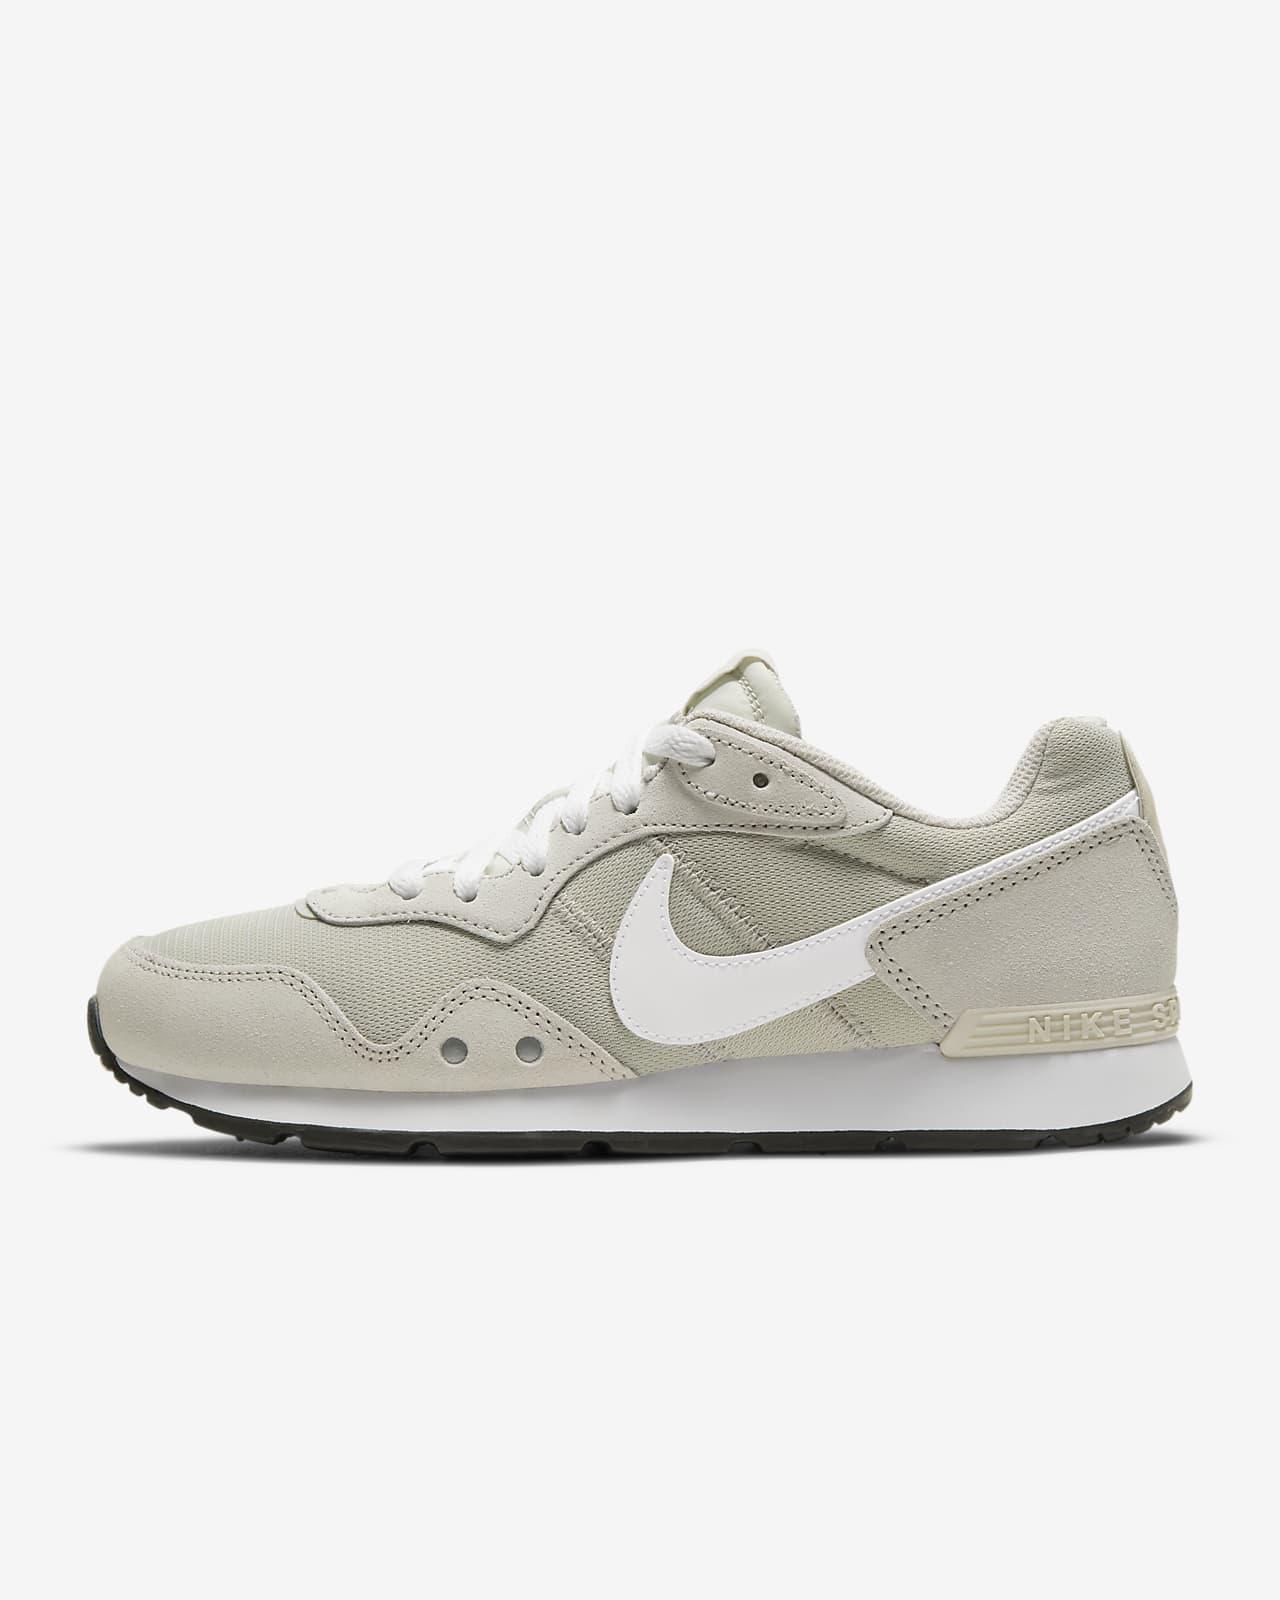 Γυναικείο παπούτσι Nike Venture Runner